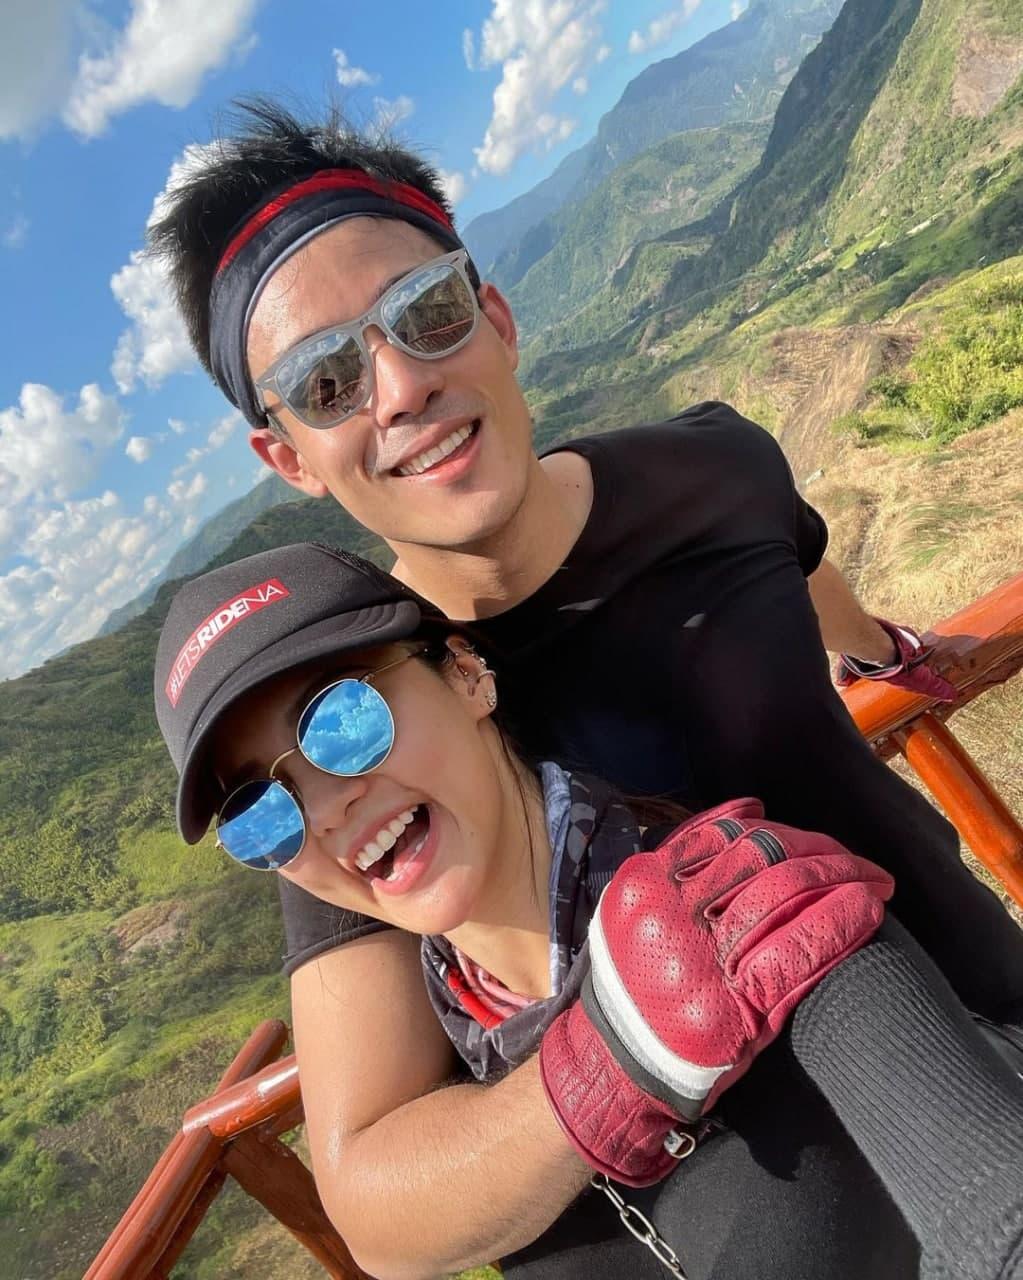 Xian Lim and Kim Chiu taking a selfie over a mountainous background